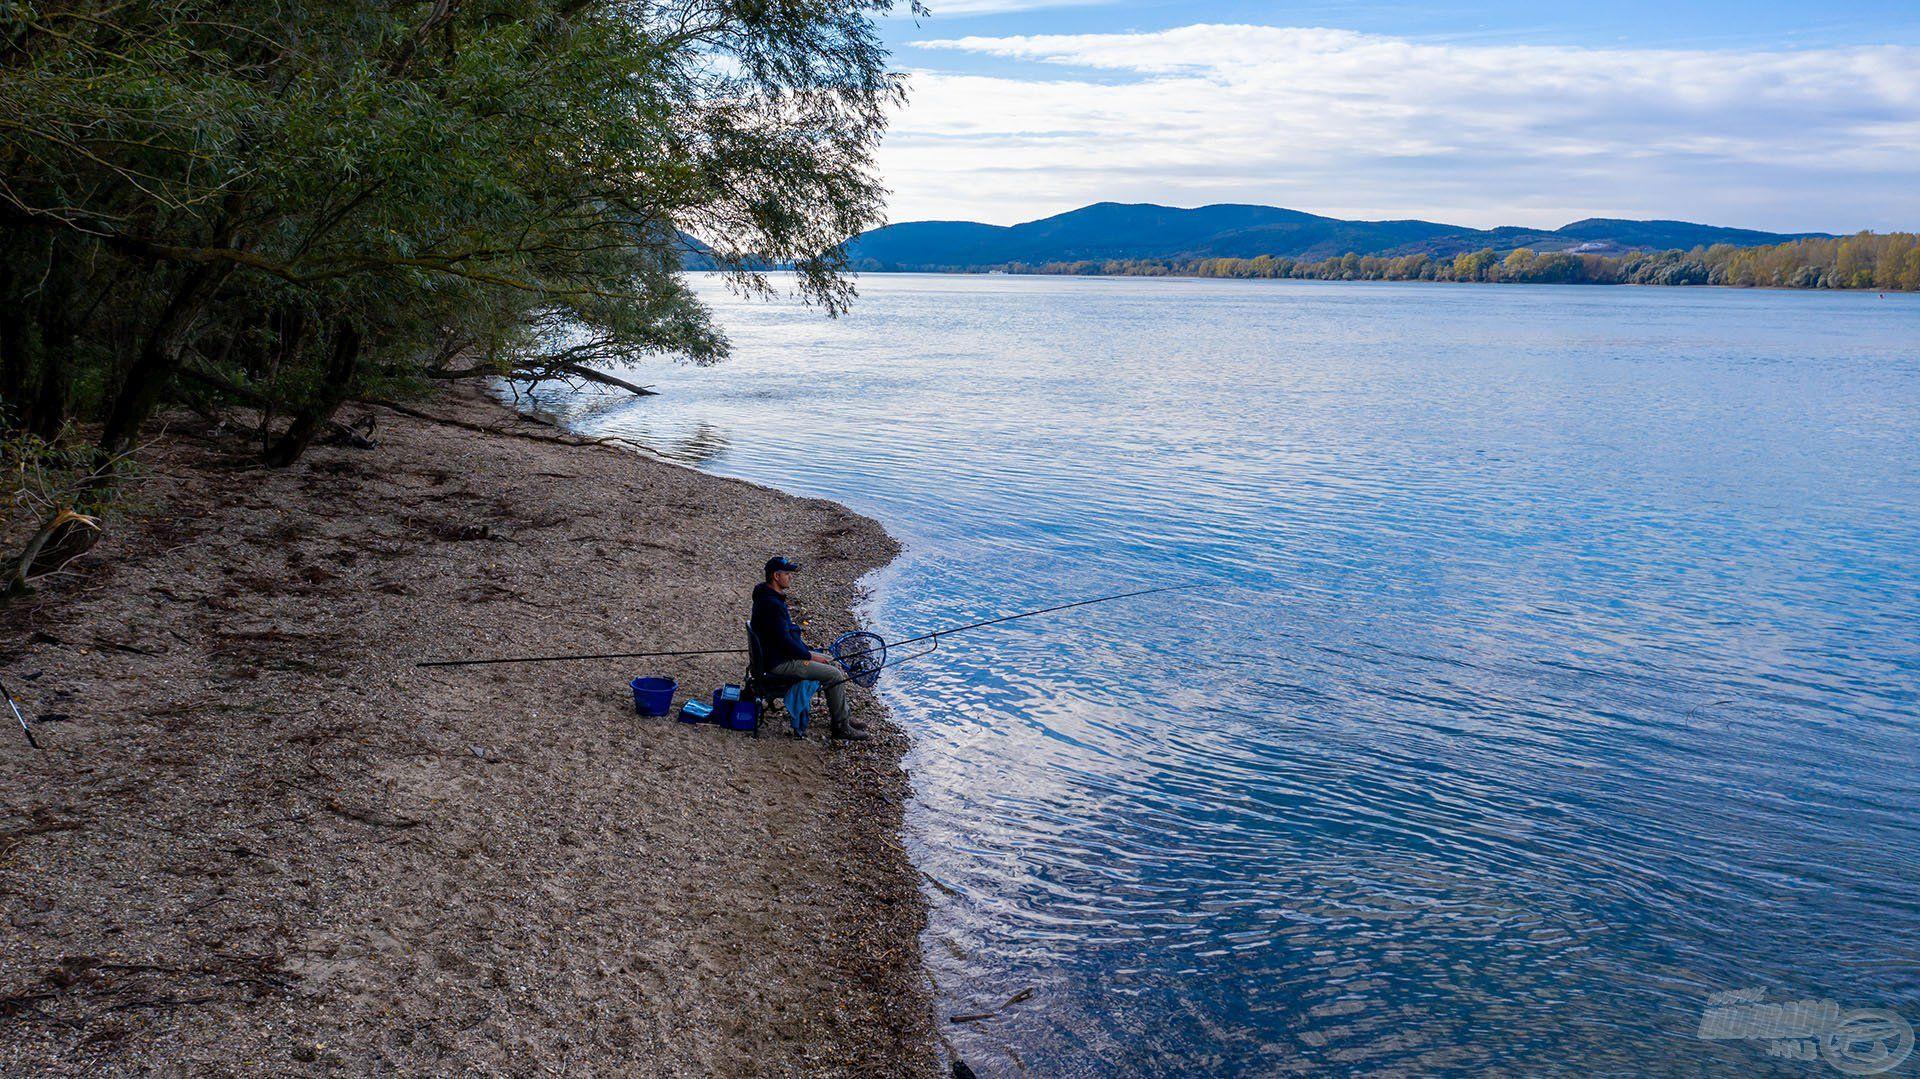 Az egyik legjobb horgászhely, ahol valaha volt szerencsém horgászni